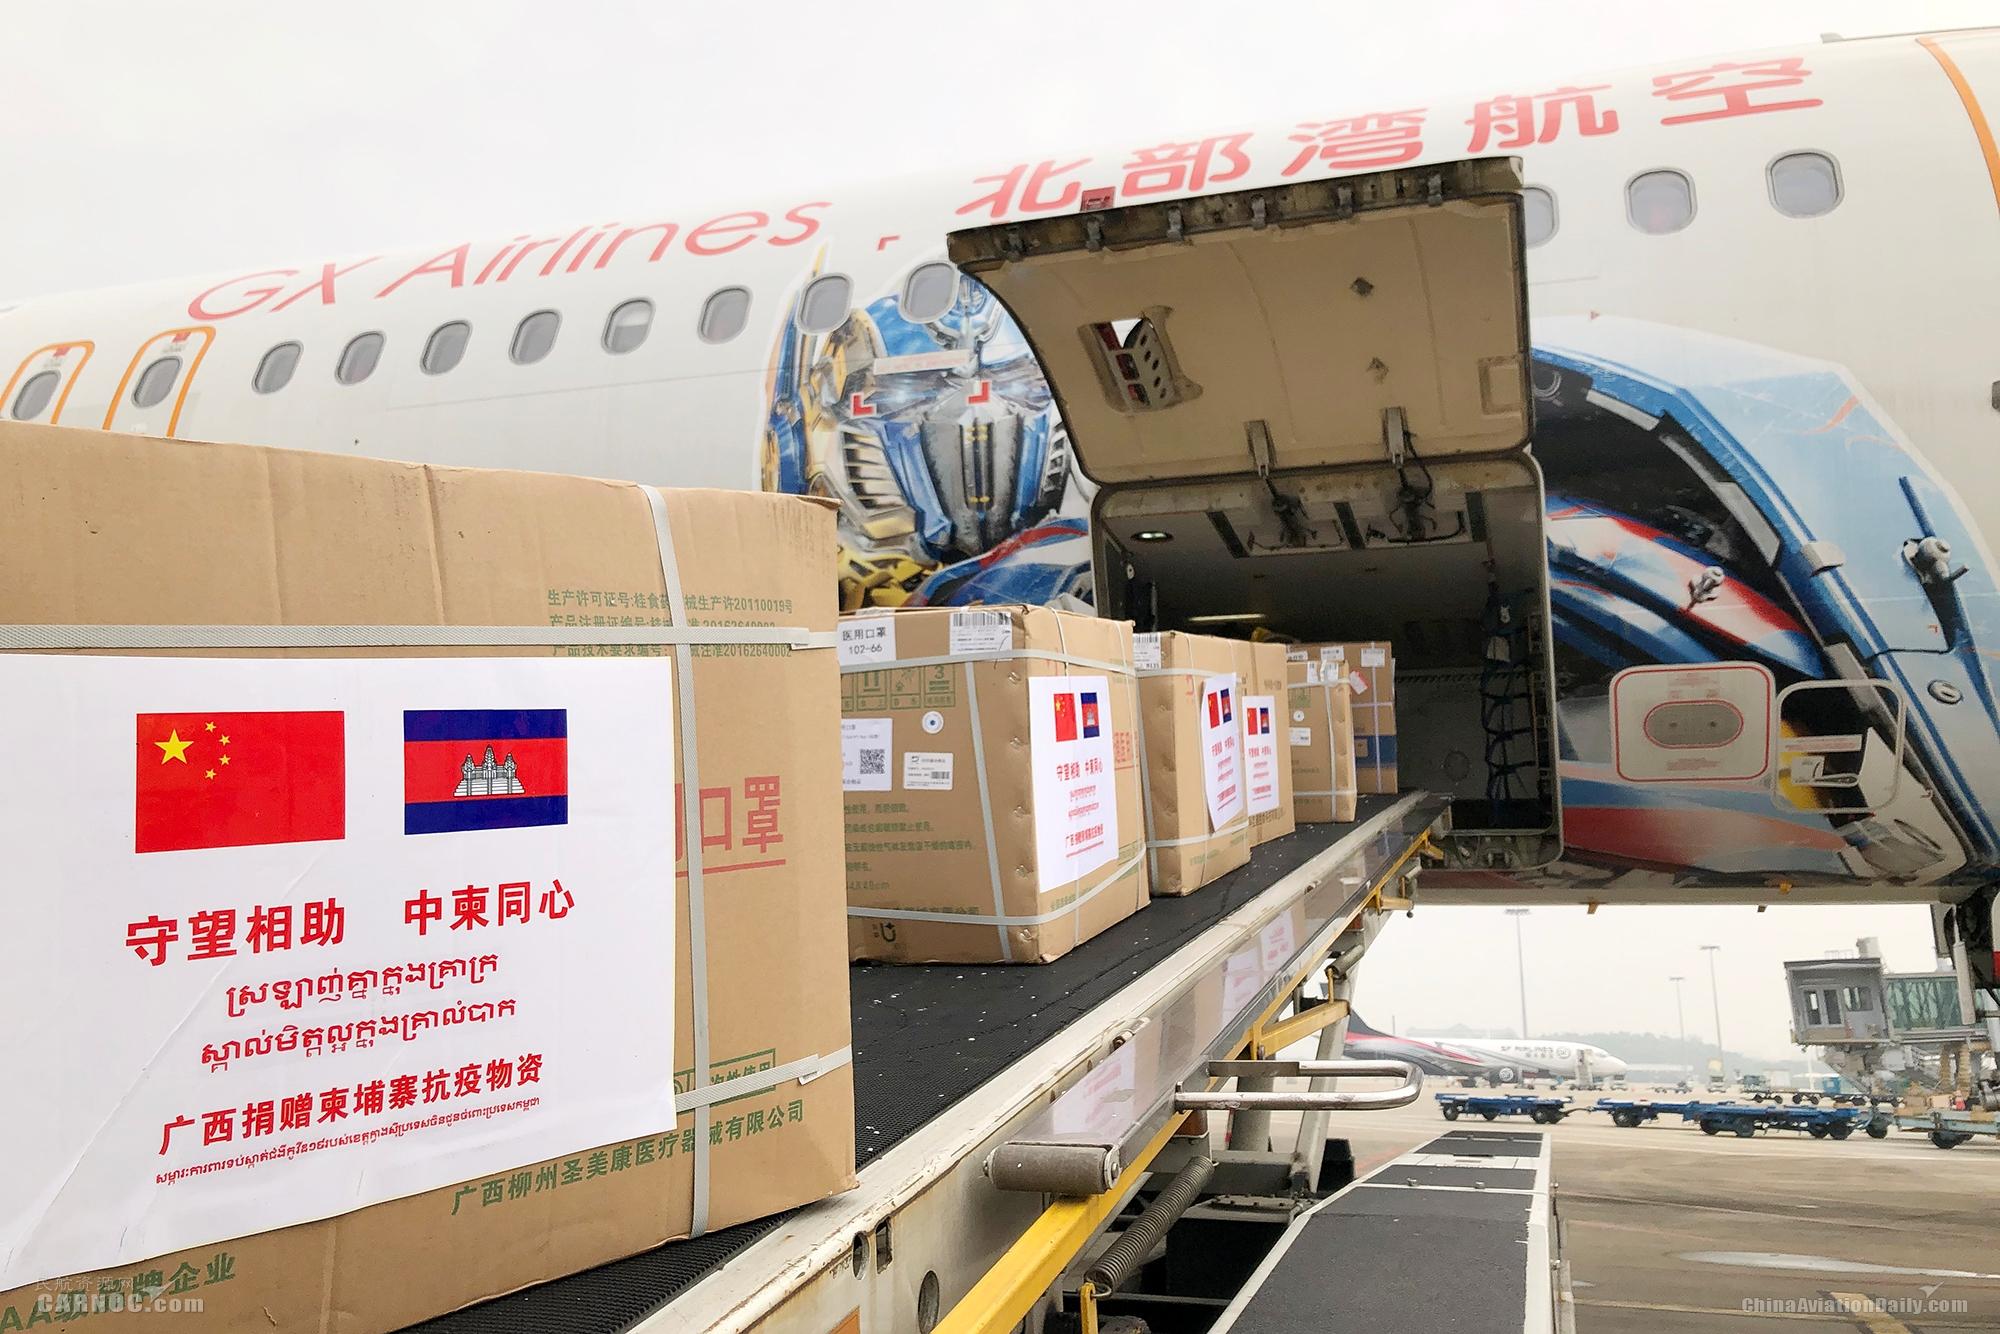 广西支援柬埔寨医疗物资装入货舱